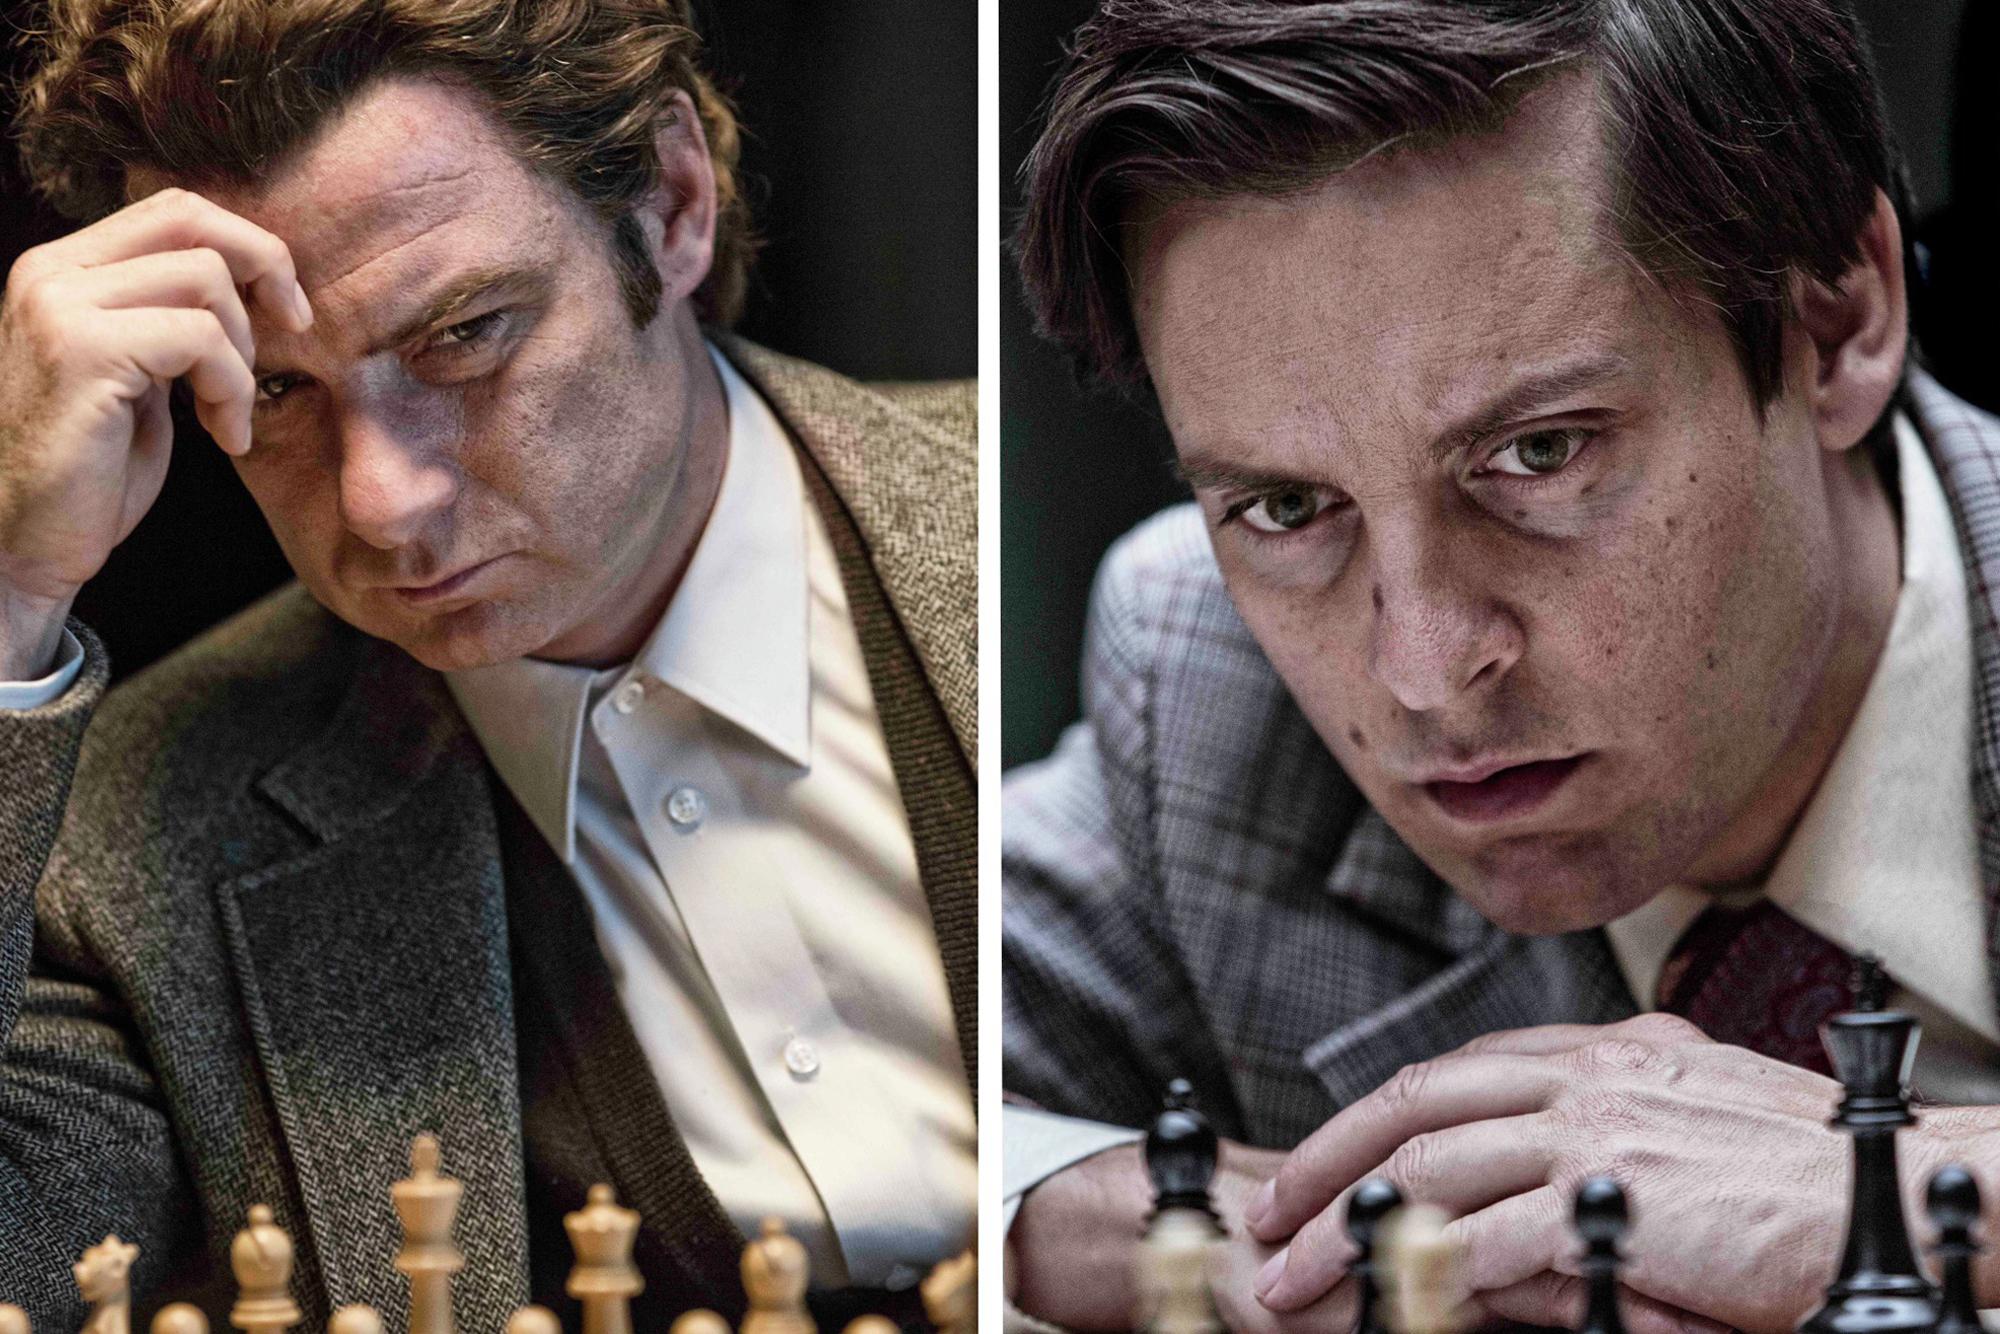 PAWN SACRIFICE- 2014 FILM STILL - Liev Schreiber and Tobey Maguire -